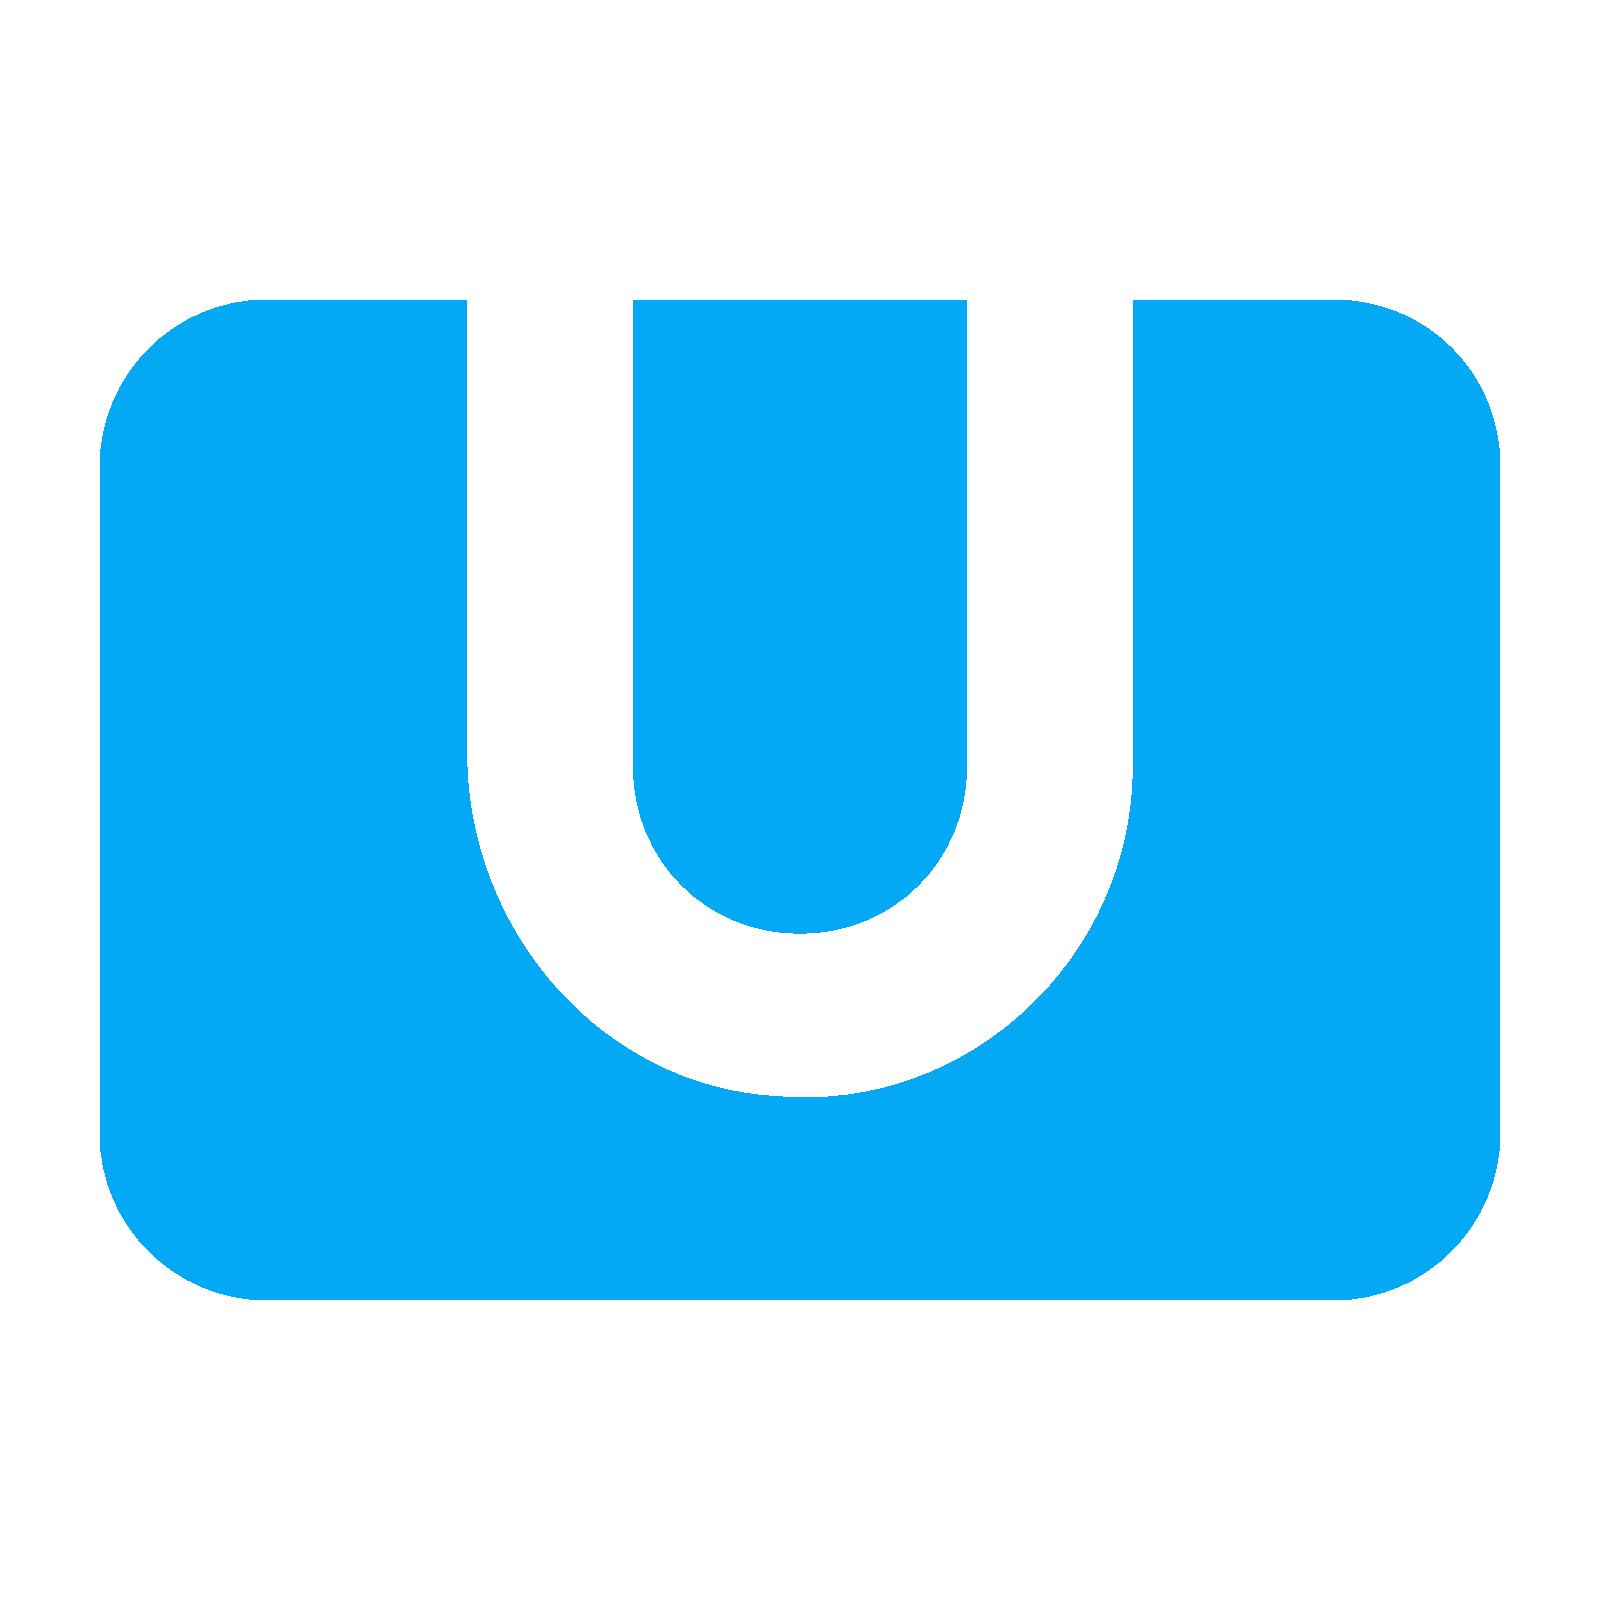 Wii U Desktop Icon #255109.